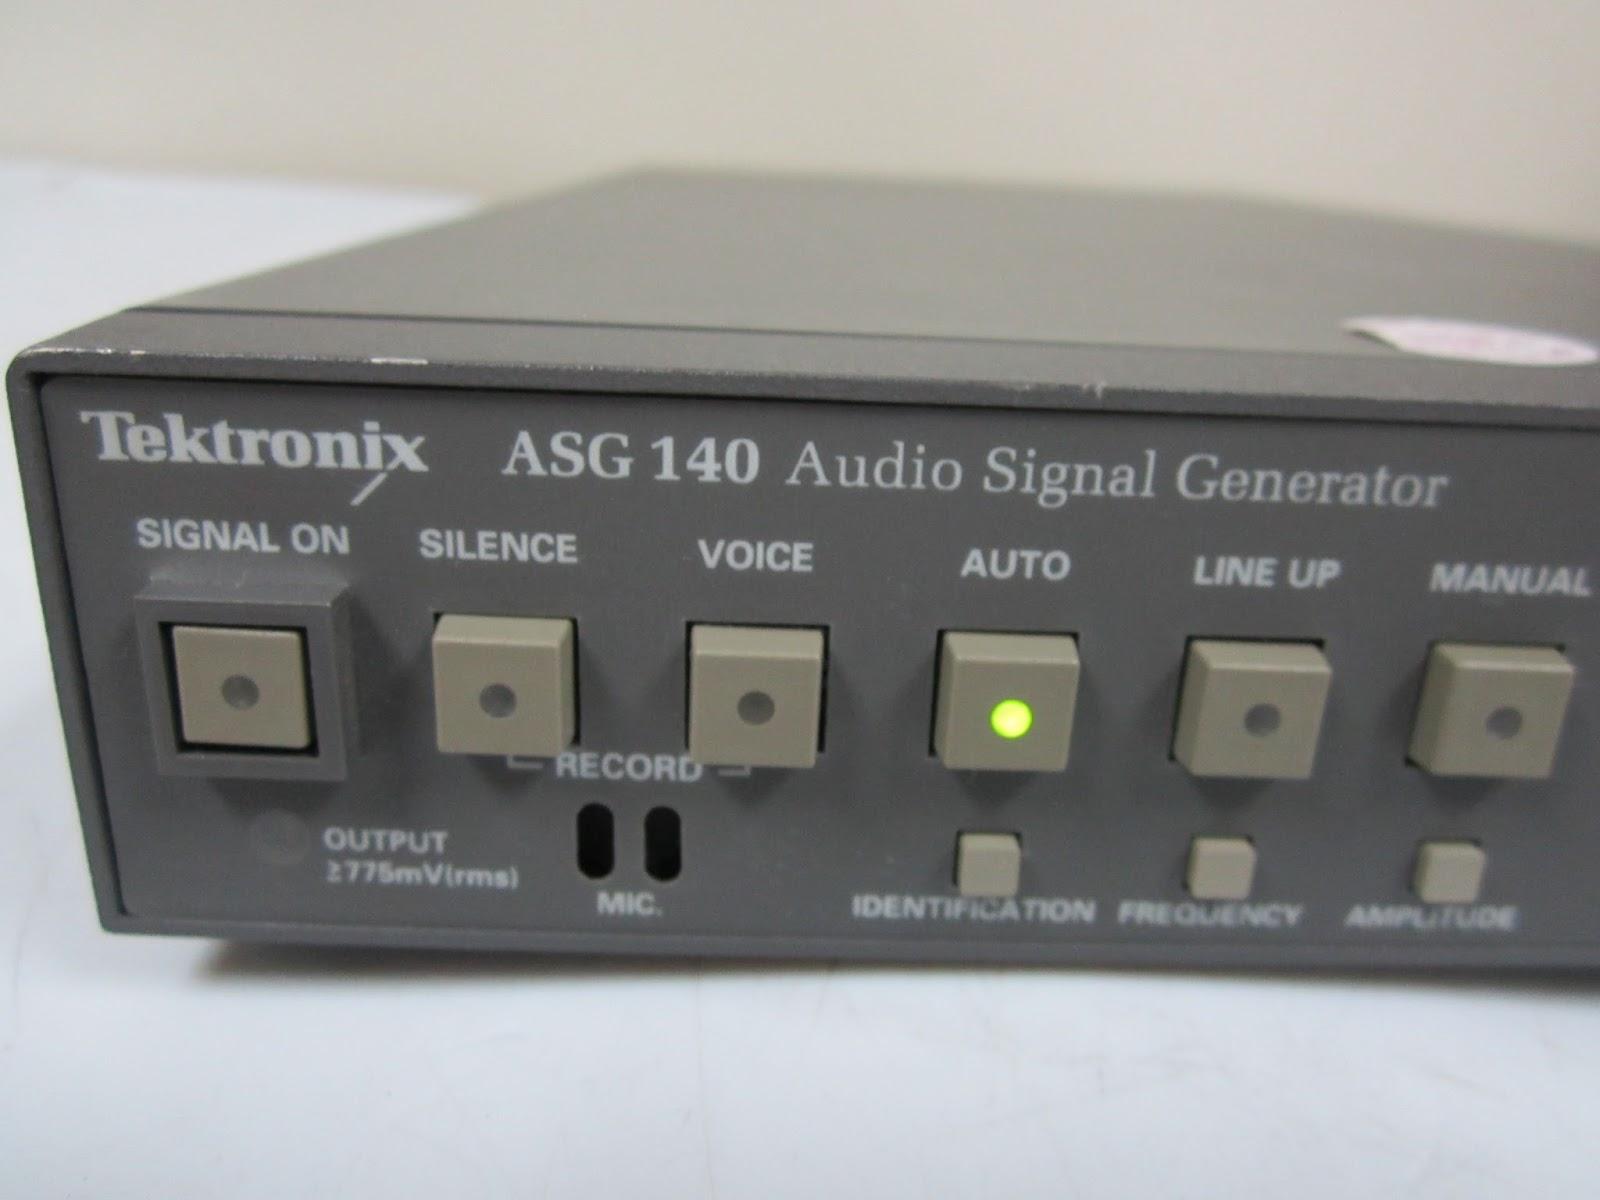 Audio Signal Generator : Tektronix asg audio signal generator ebay